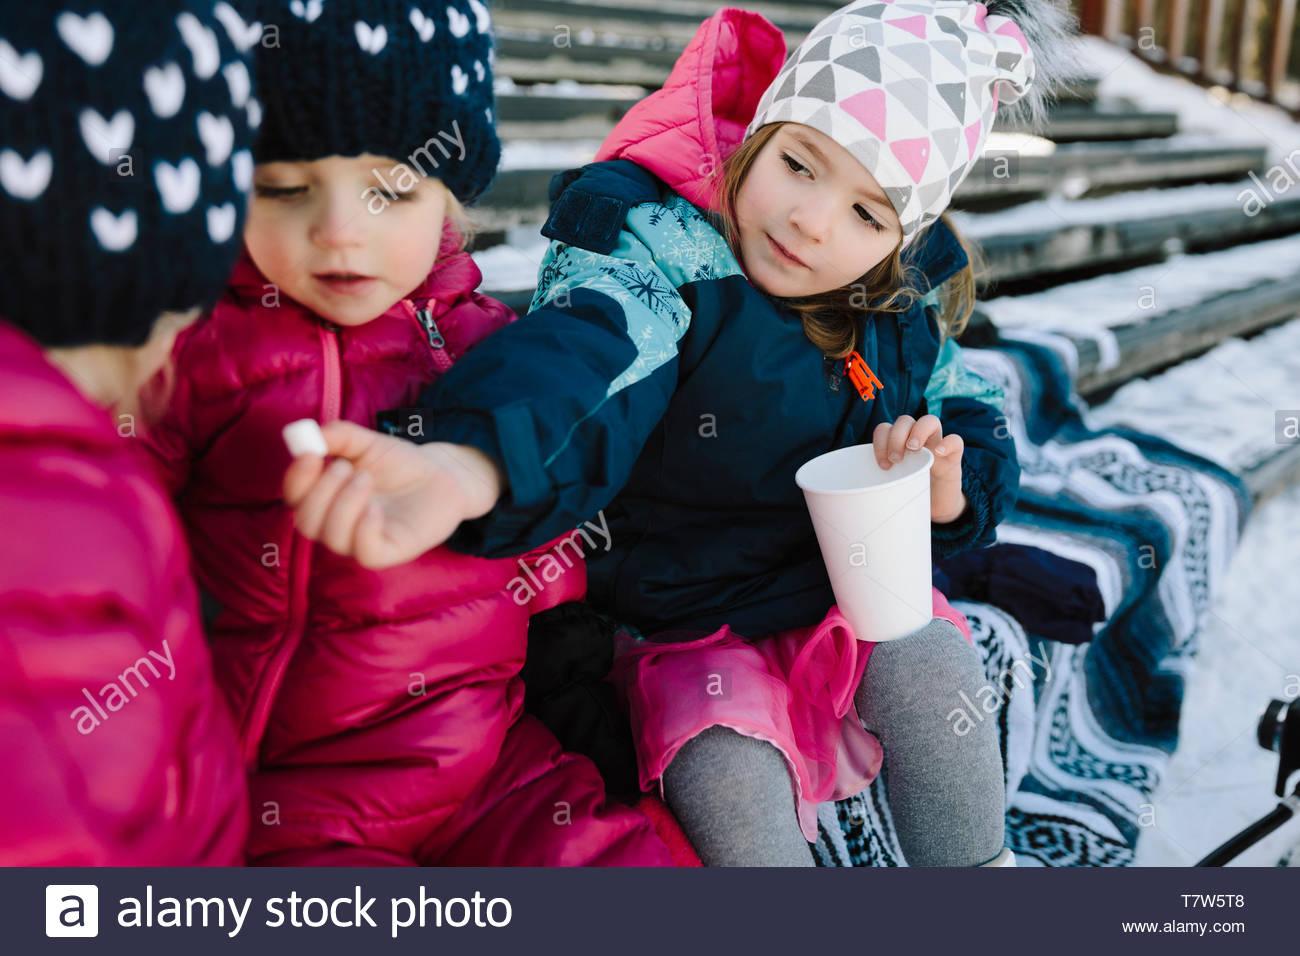 Cute toddler soeurs manger sur des mesures de neige Photo Stock